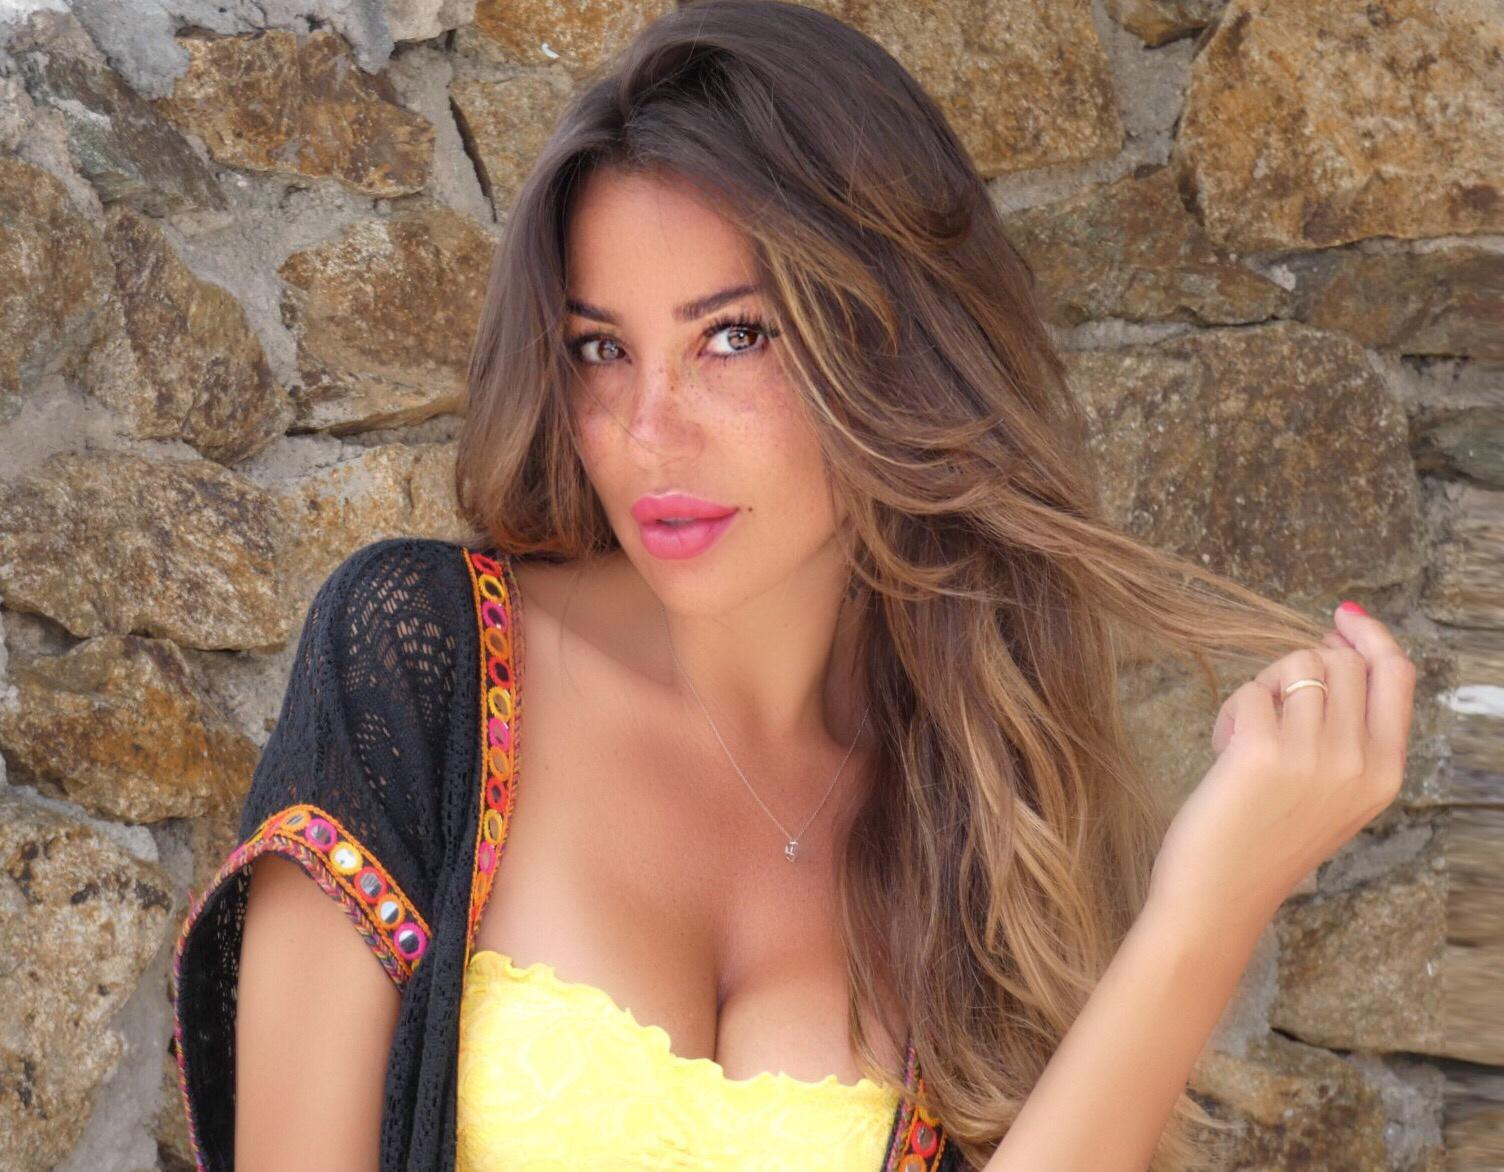 Rosaria Cannavò, chi è: età, altezza, peso e fisico, ex marito, ex fidanzati vip, compagno, lavoro, perché famosa